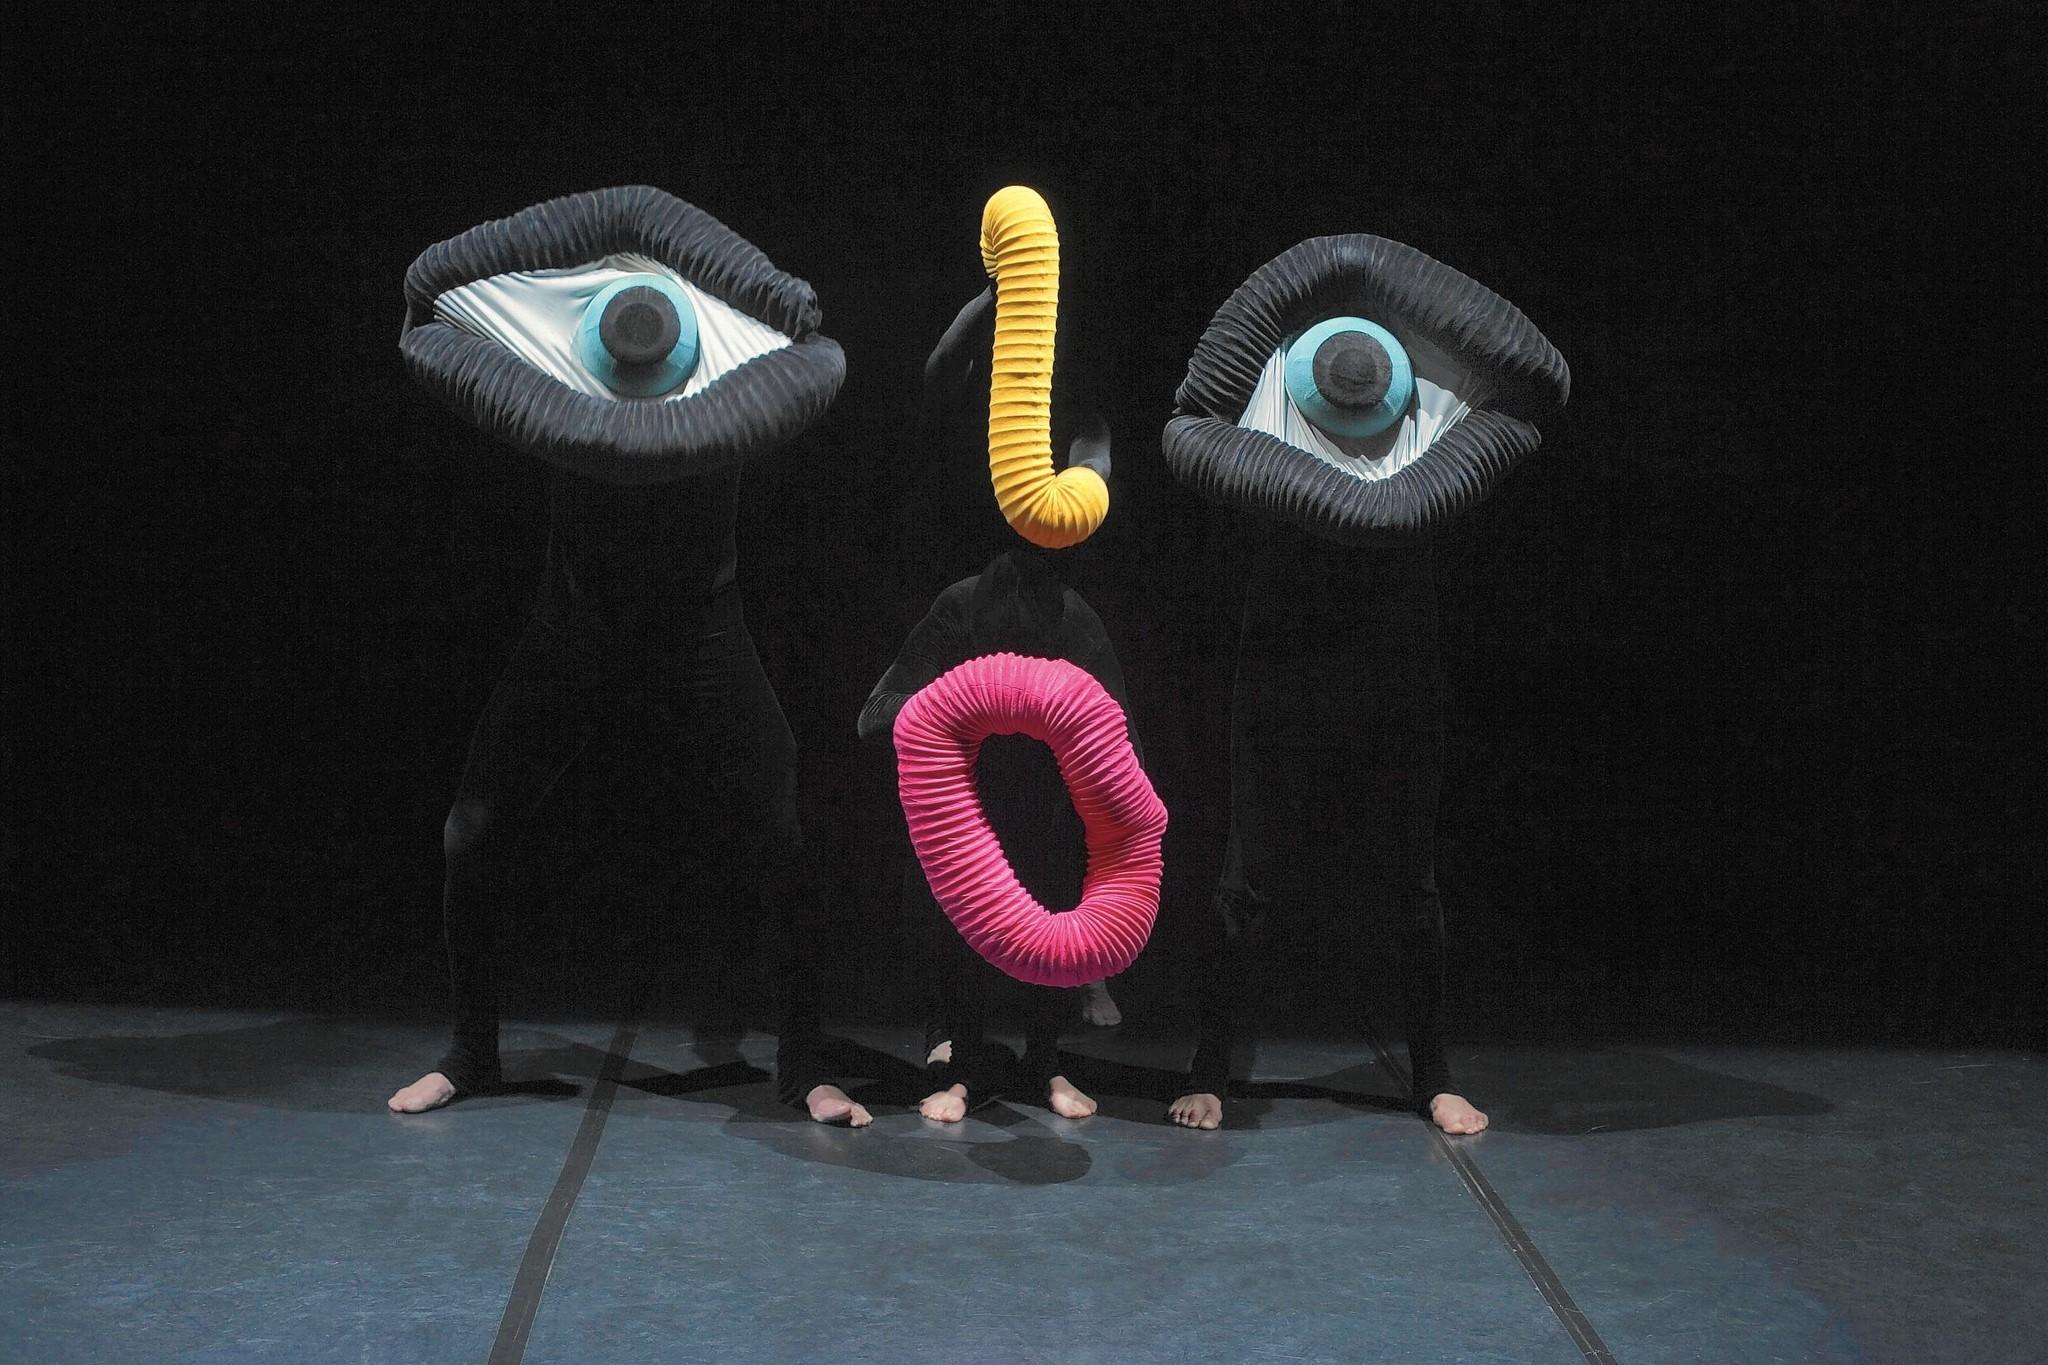 hc-mummenschanz-mime-troupe-uconn-20160119.jpg